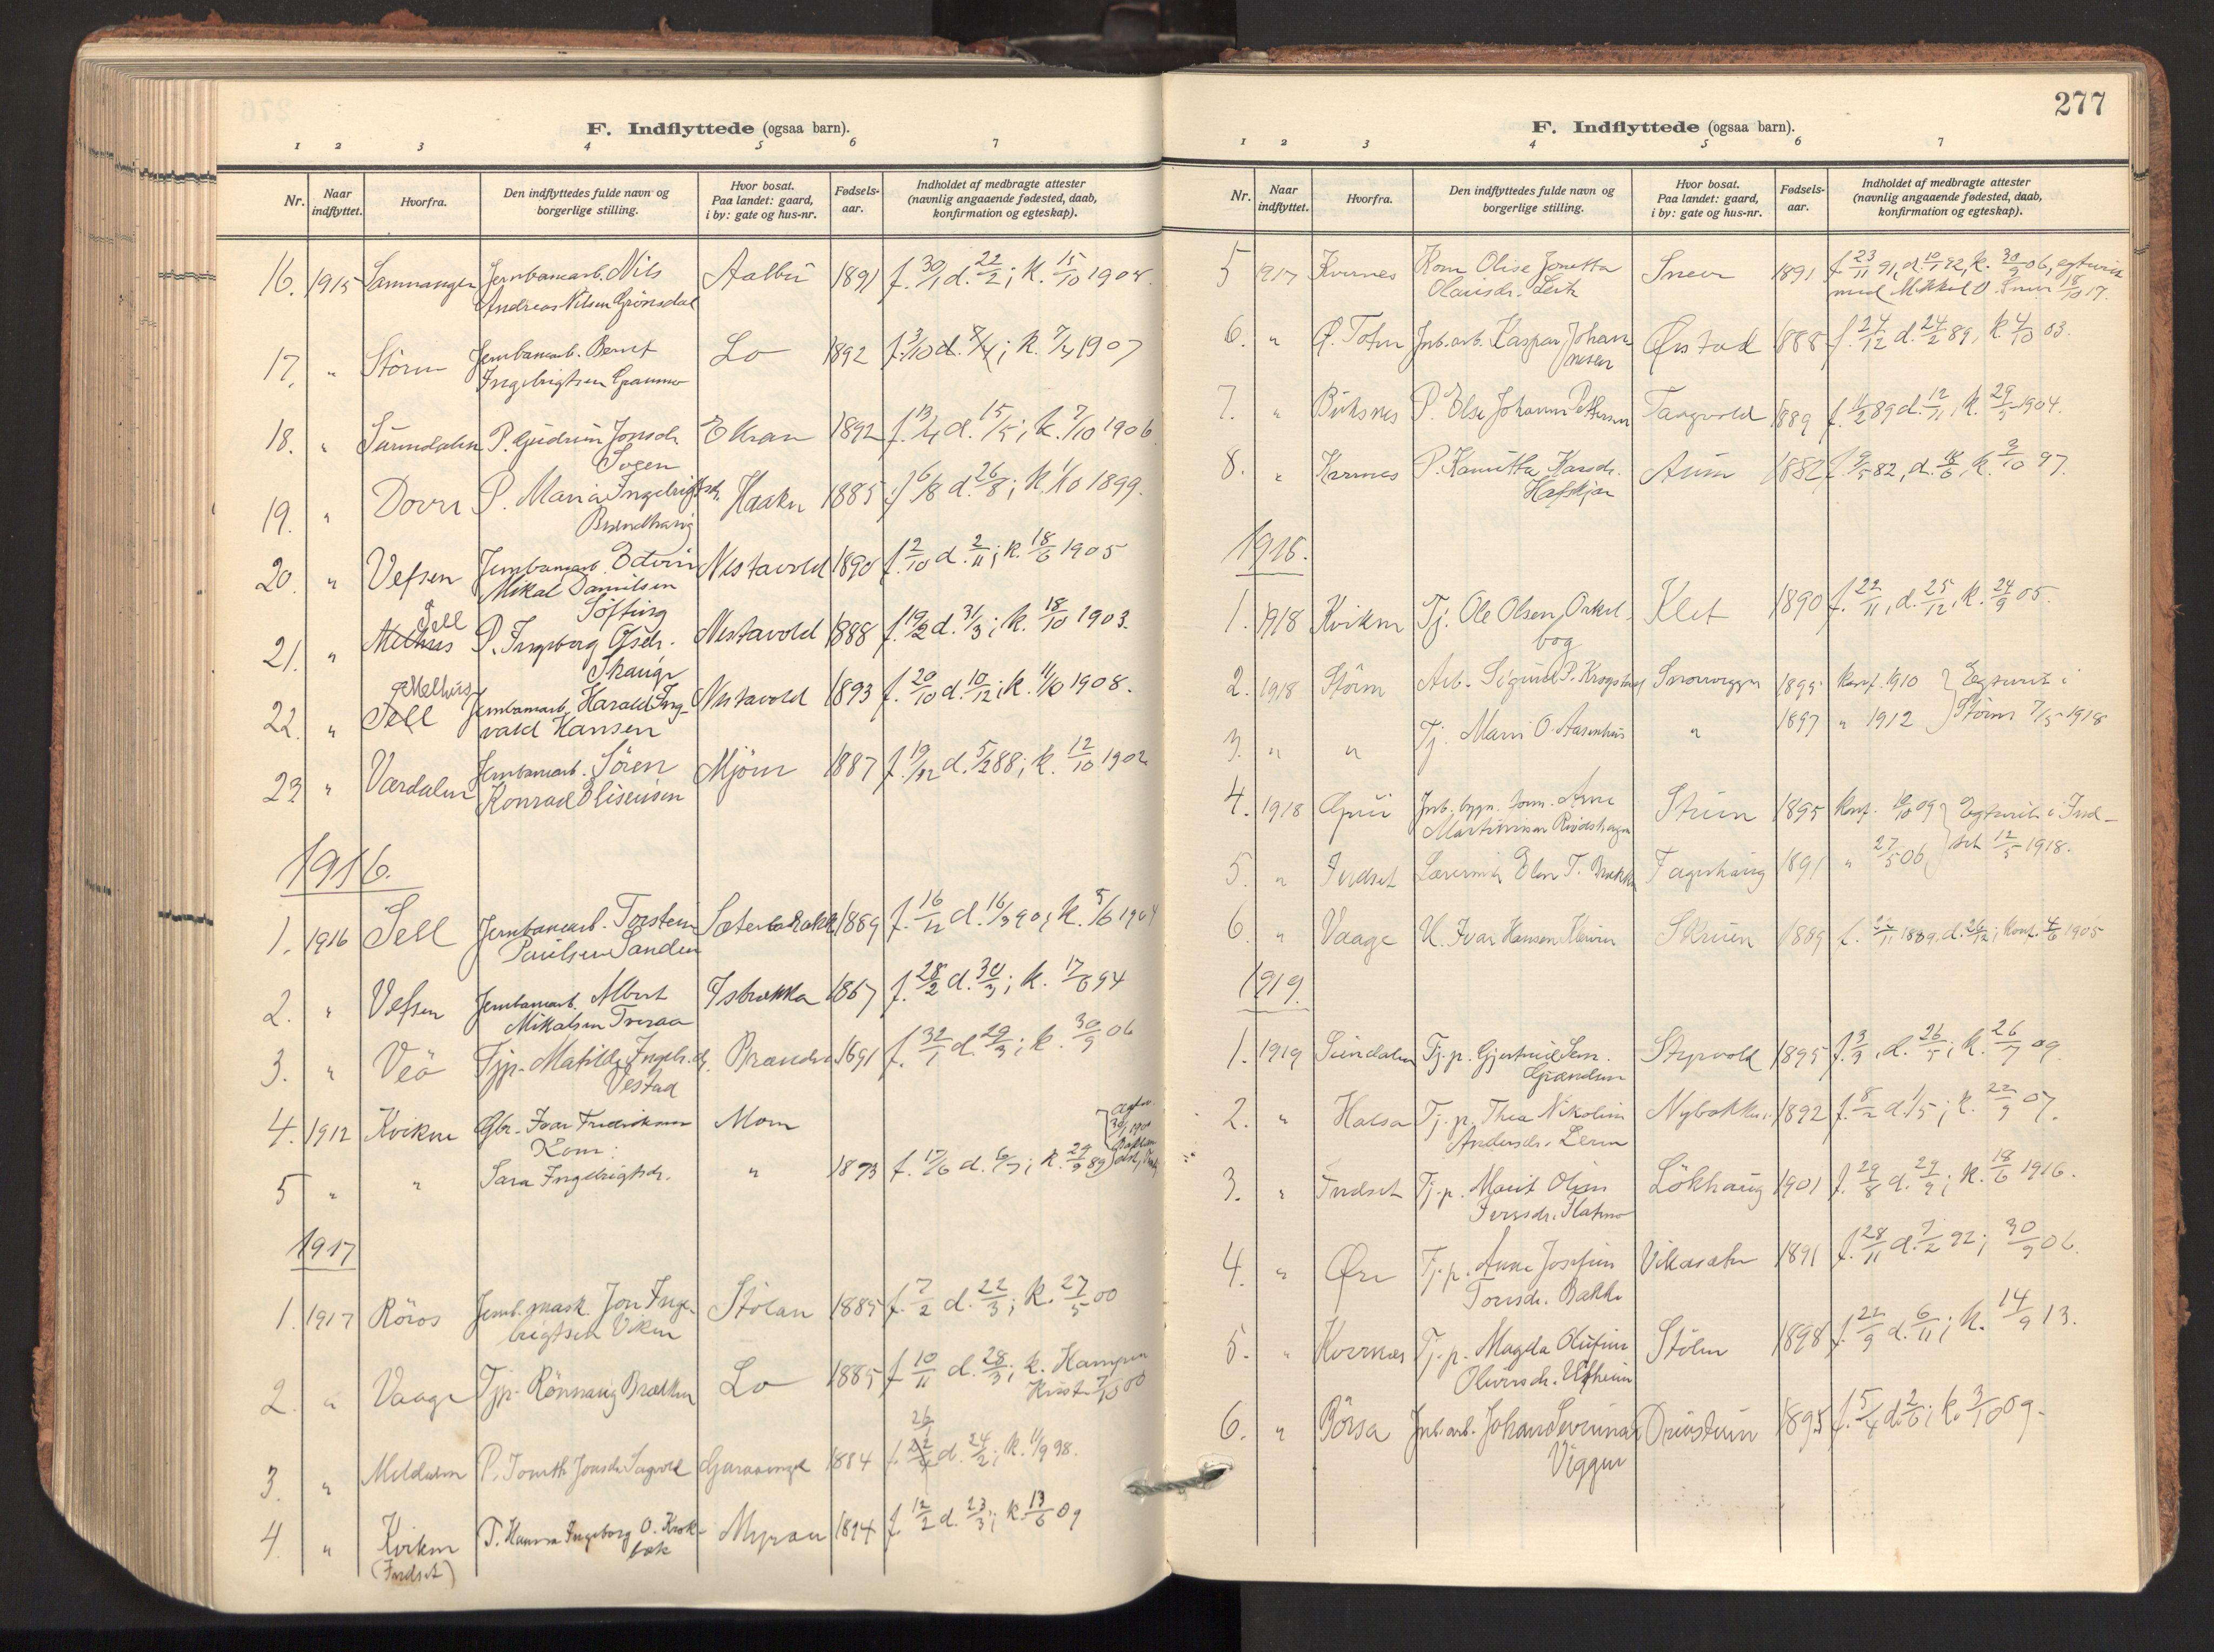 SAT, Ministerialprotokoller, klokkerbøker og fødselsregistre - Sør-Trøndelag, 678/L0909: Ministerialbok nr. 678A17, 1912-1930, s. 277